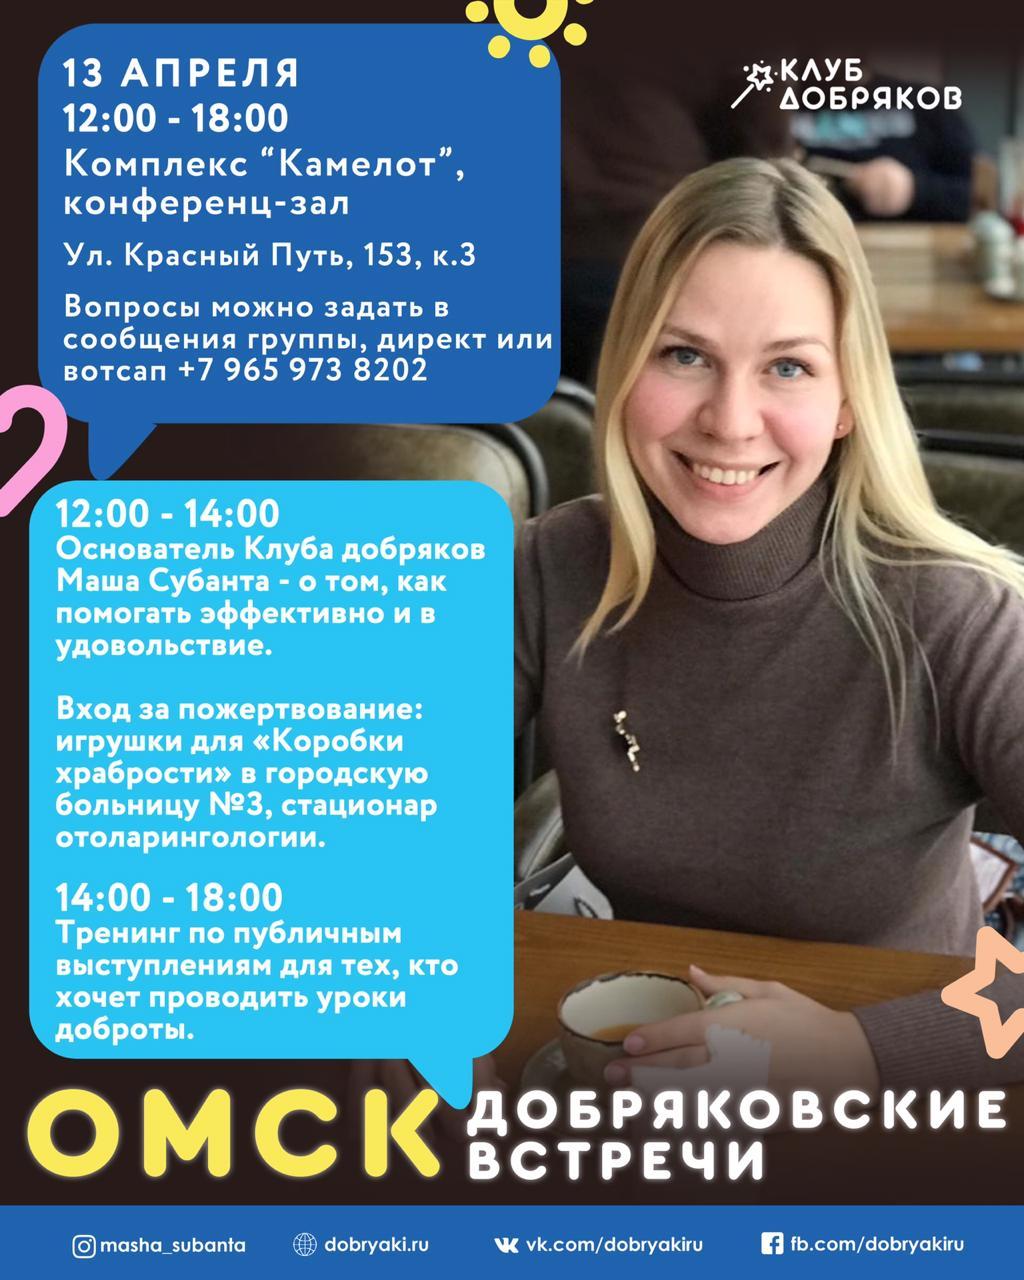 Добряковская встреча с Машей Субанта в Омске